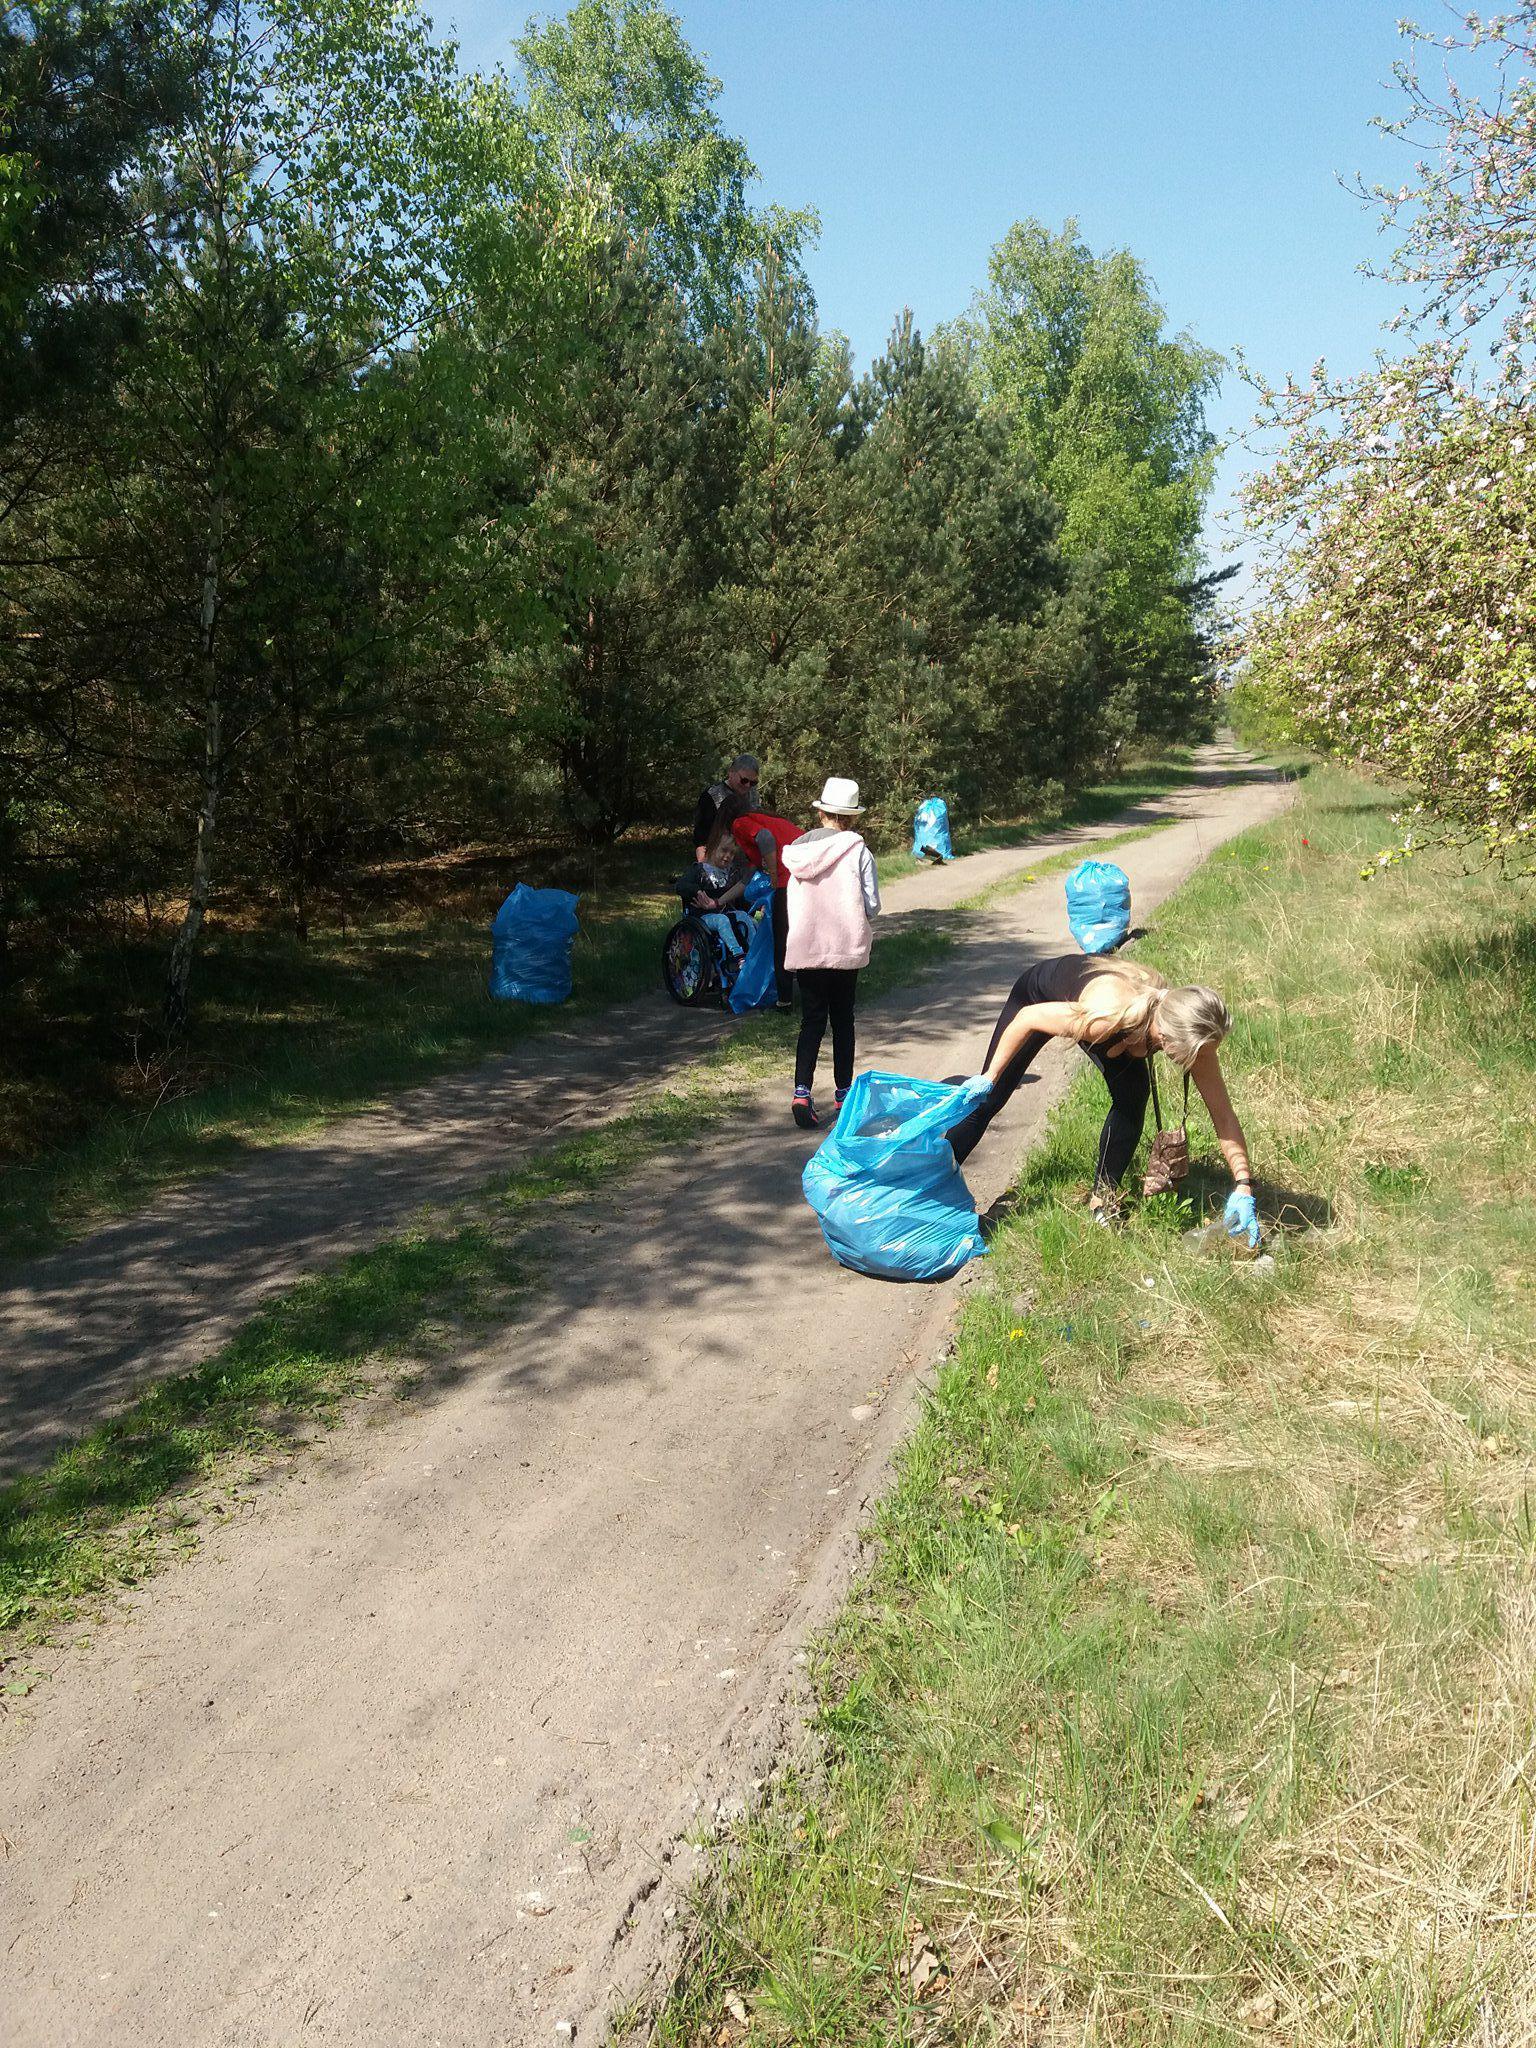 Skierniewice_2018_04_28 (1)